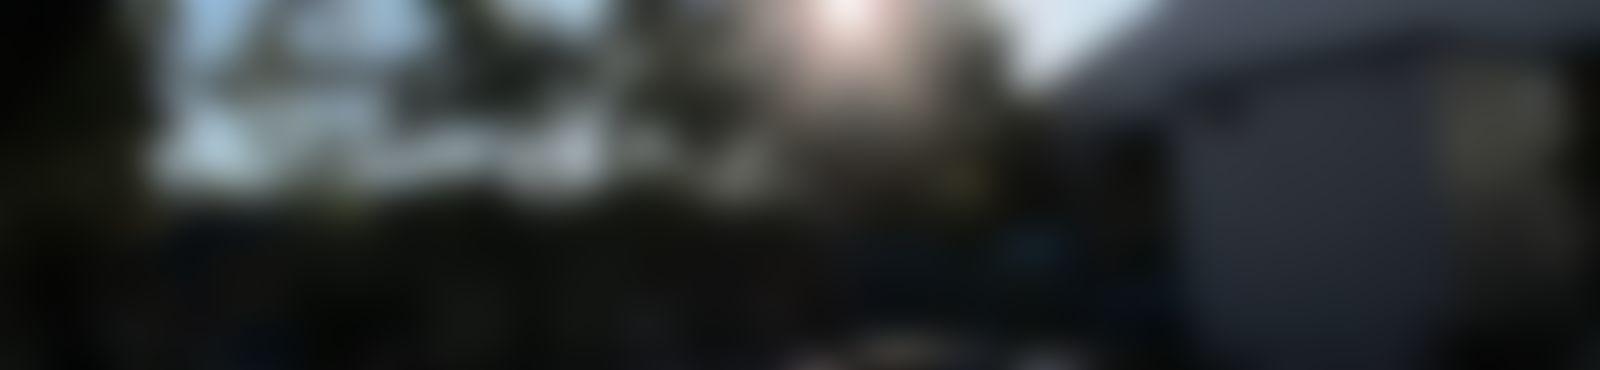 Blurred 14207600 1250184708346157 5211543480691476000 o